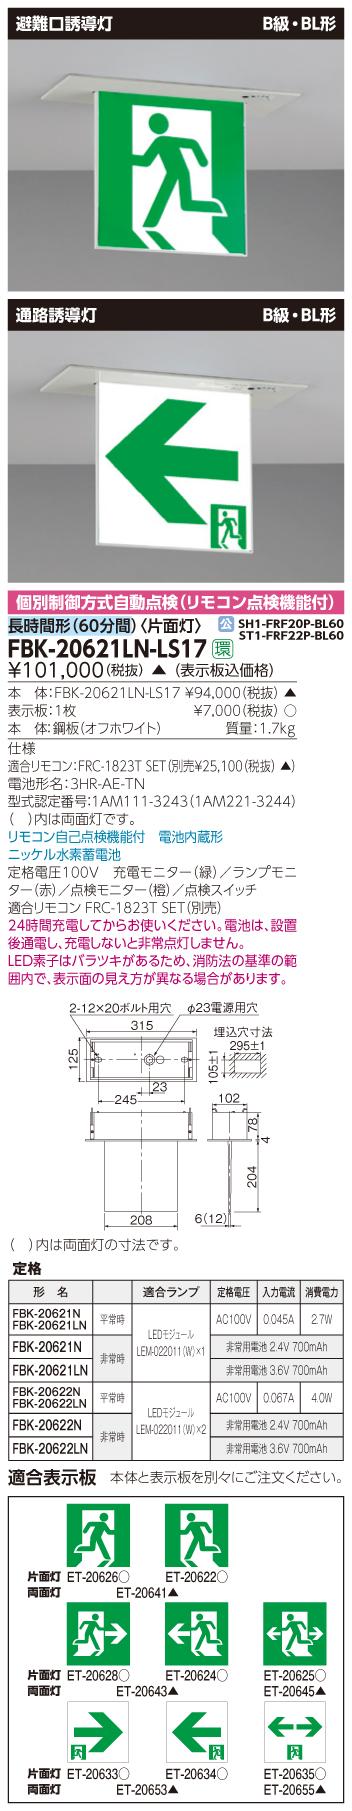 【法人様限定】東芝 FBK-20621LN-LS17 LED誘導灯 天井埋込形 電池内蔵 片面 B級BL形 長時間(60分) 【表示板別売】